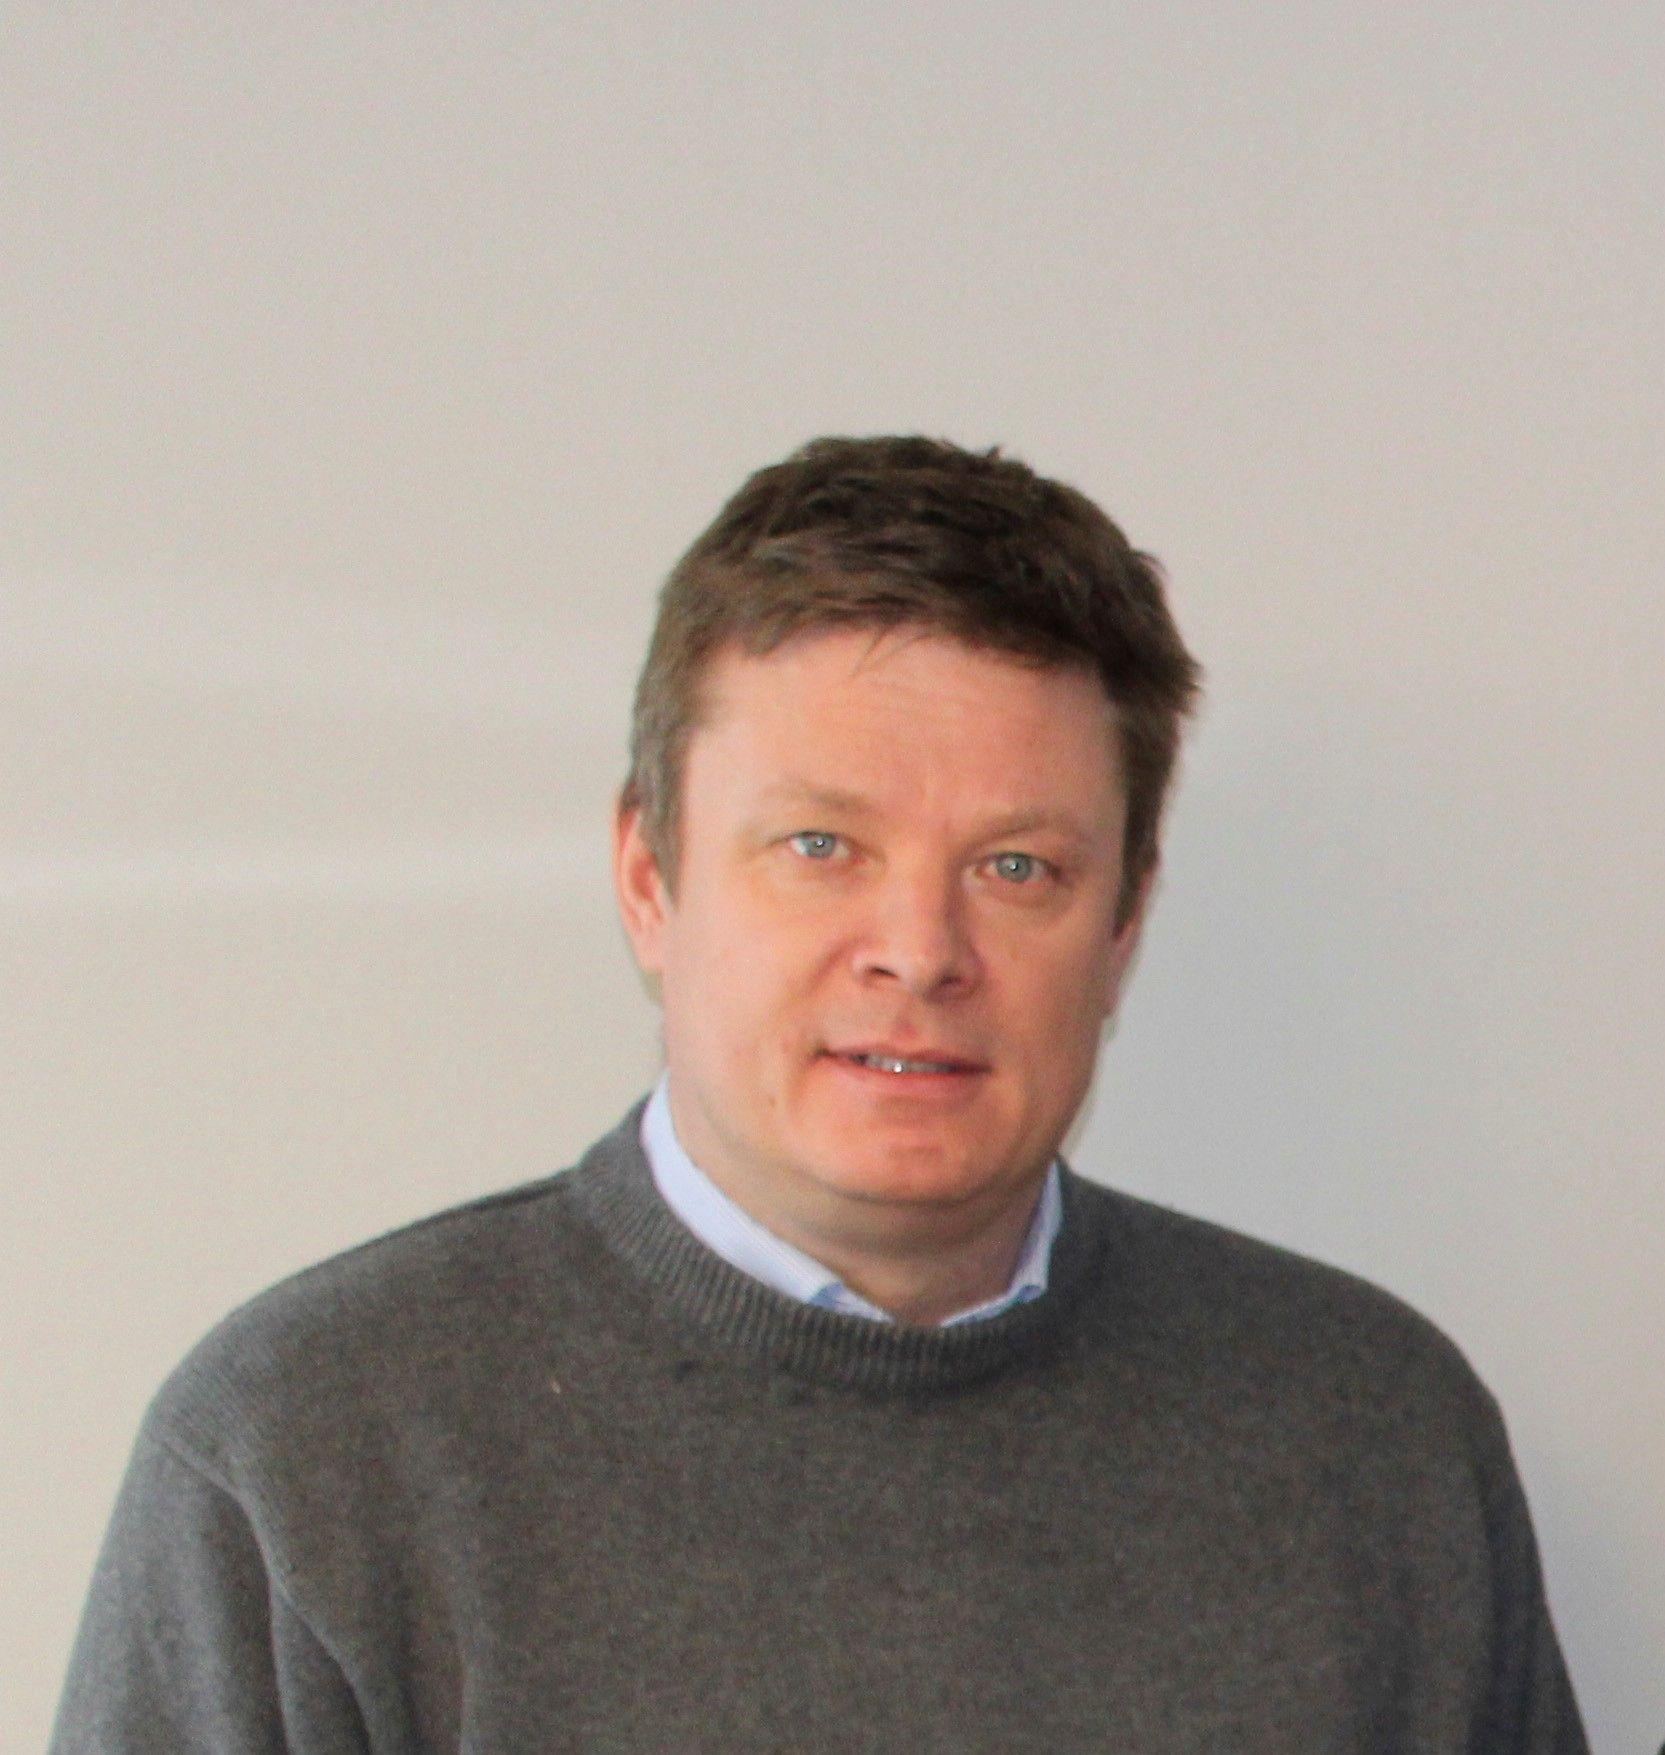 Claus Thorsen